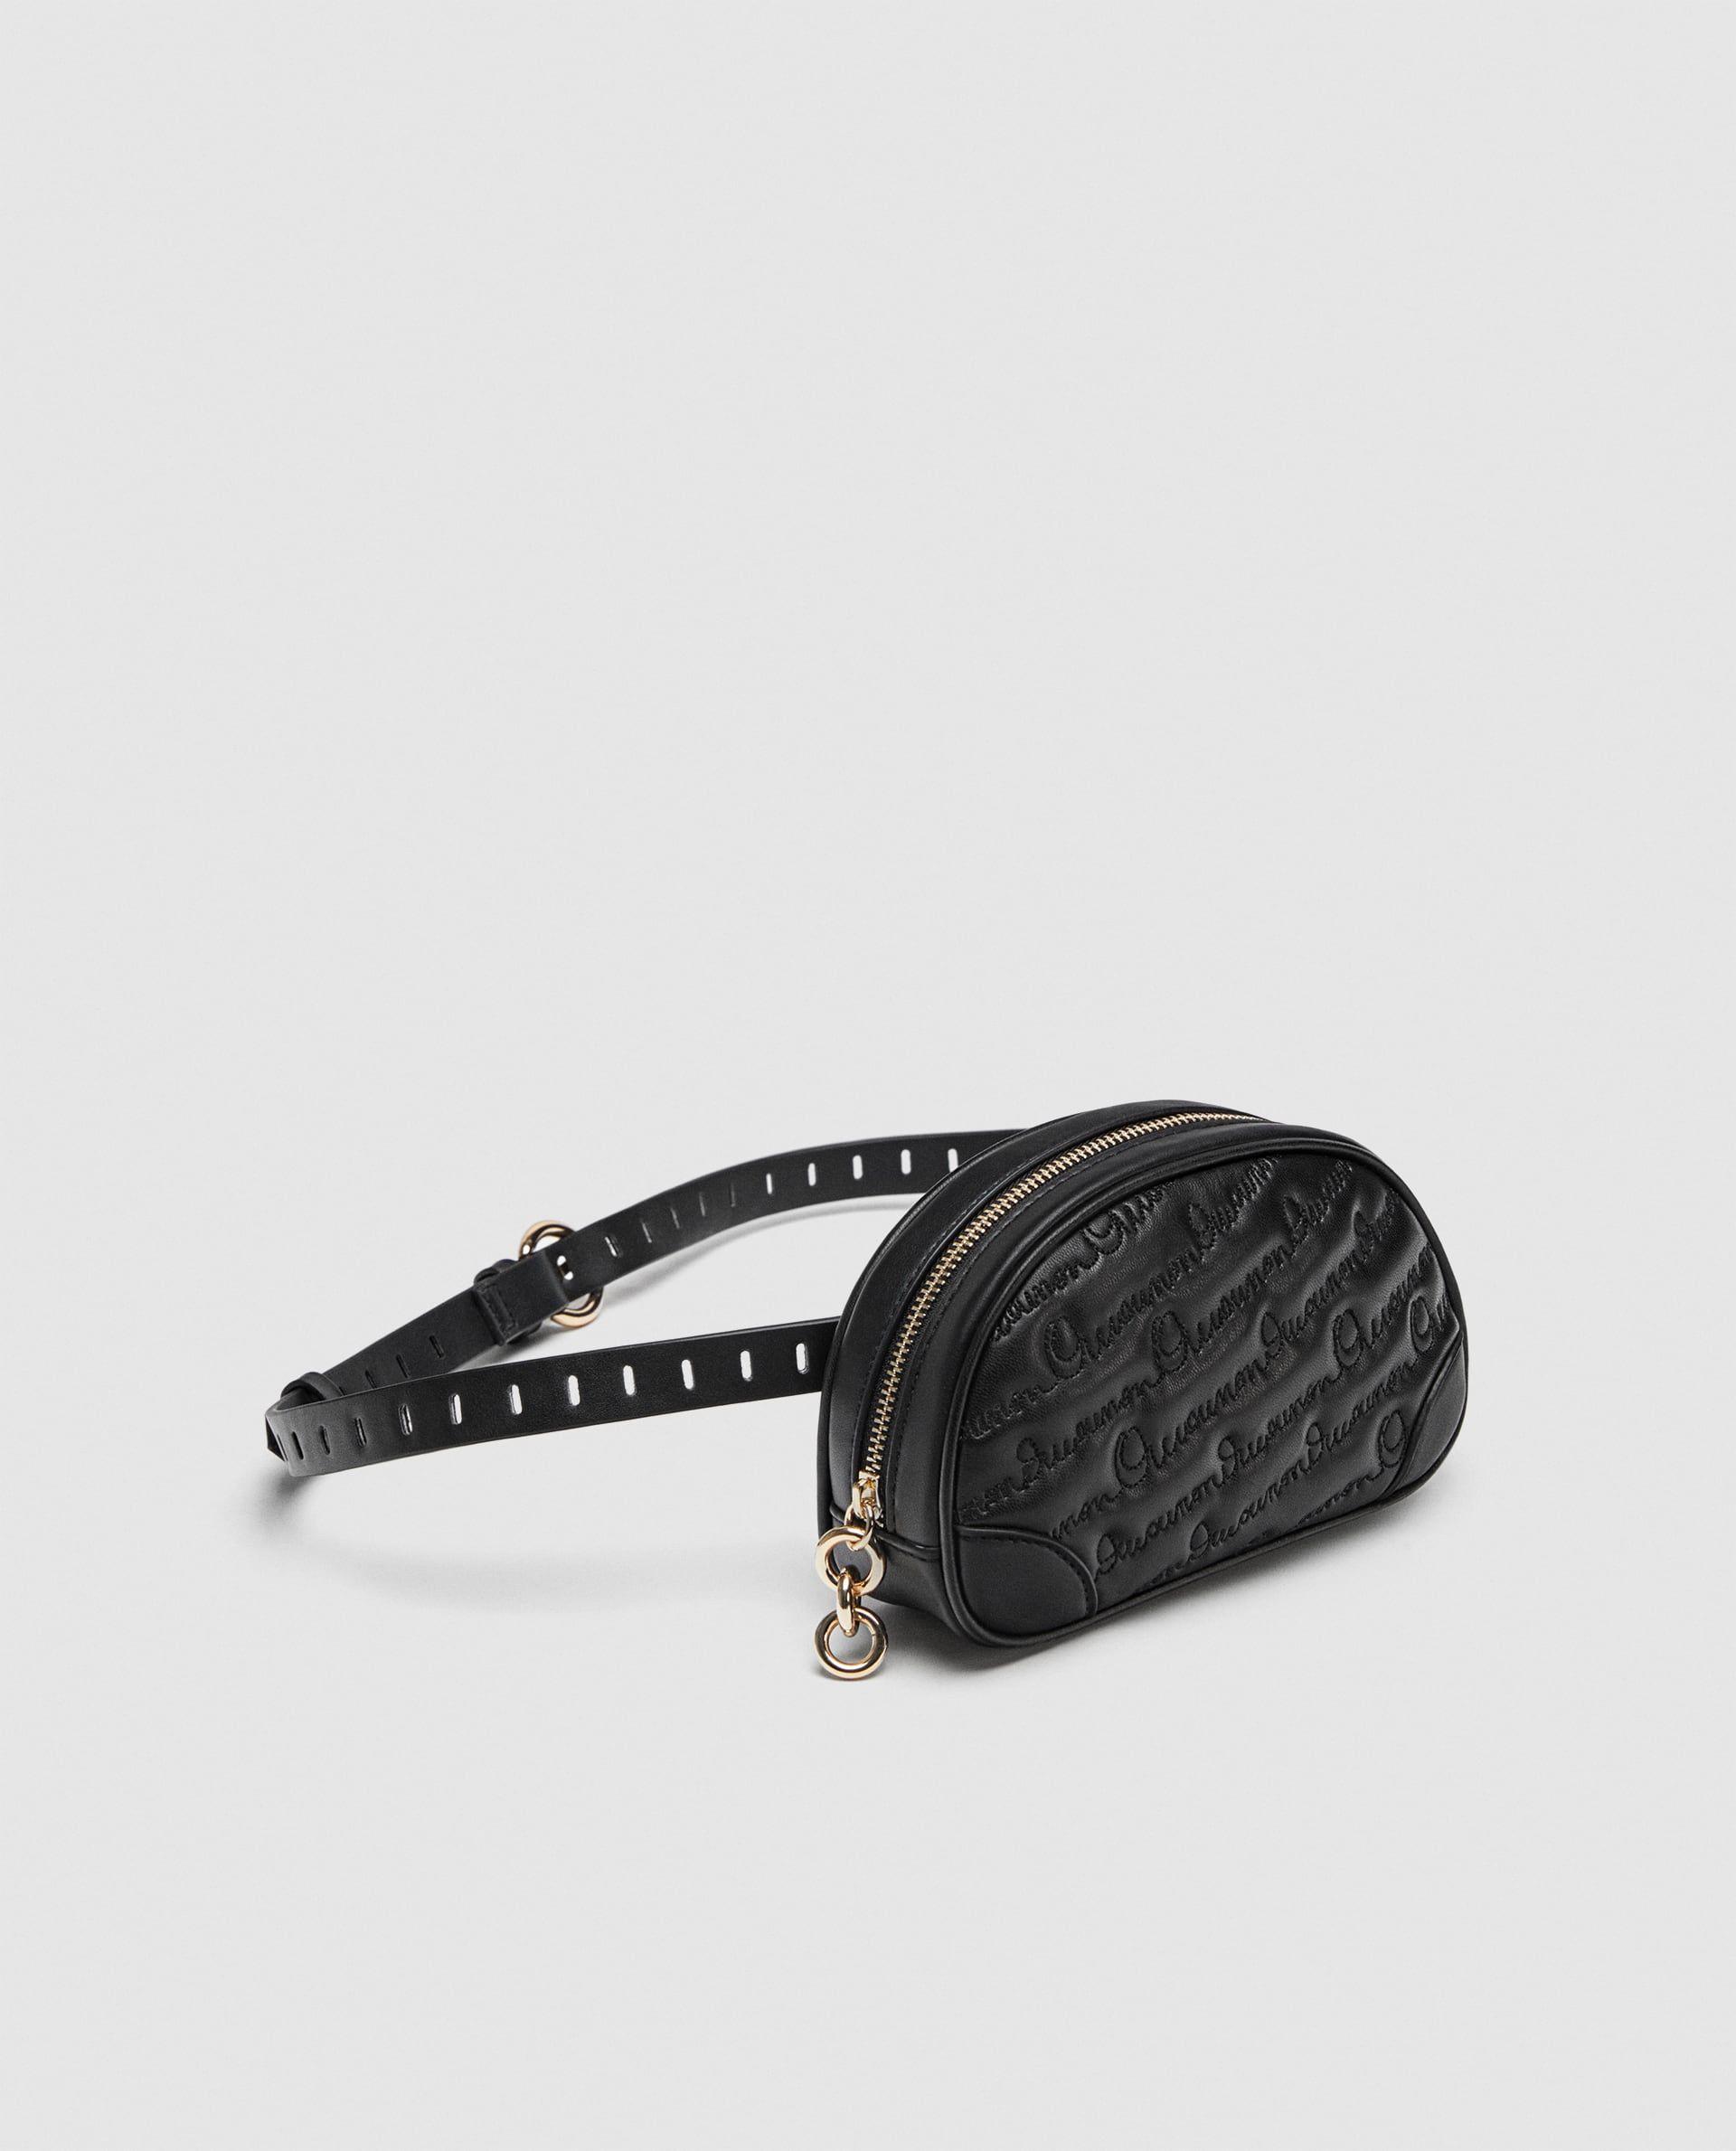 Riñonera acolchada Bolsos de Mujer | Bolsos, Riñonera